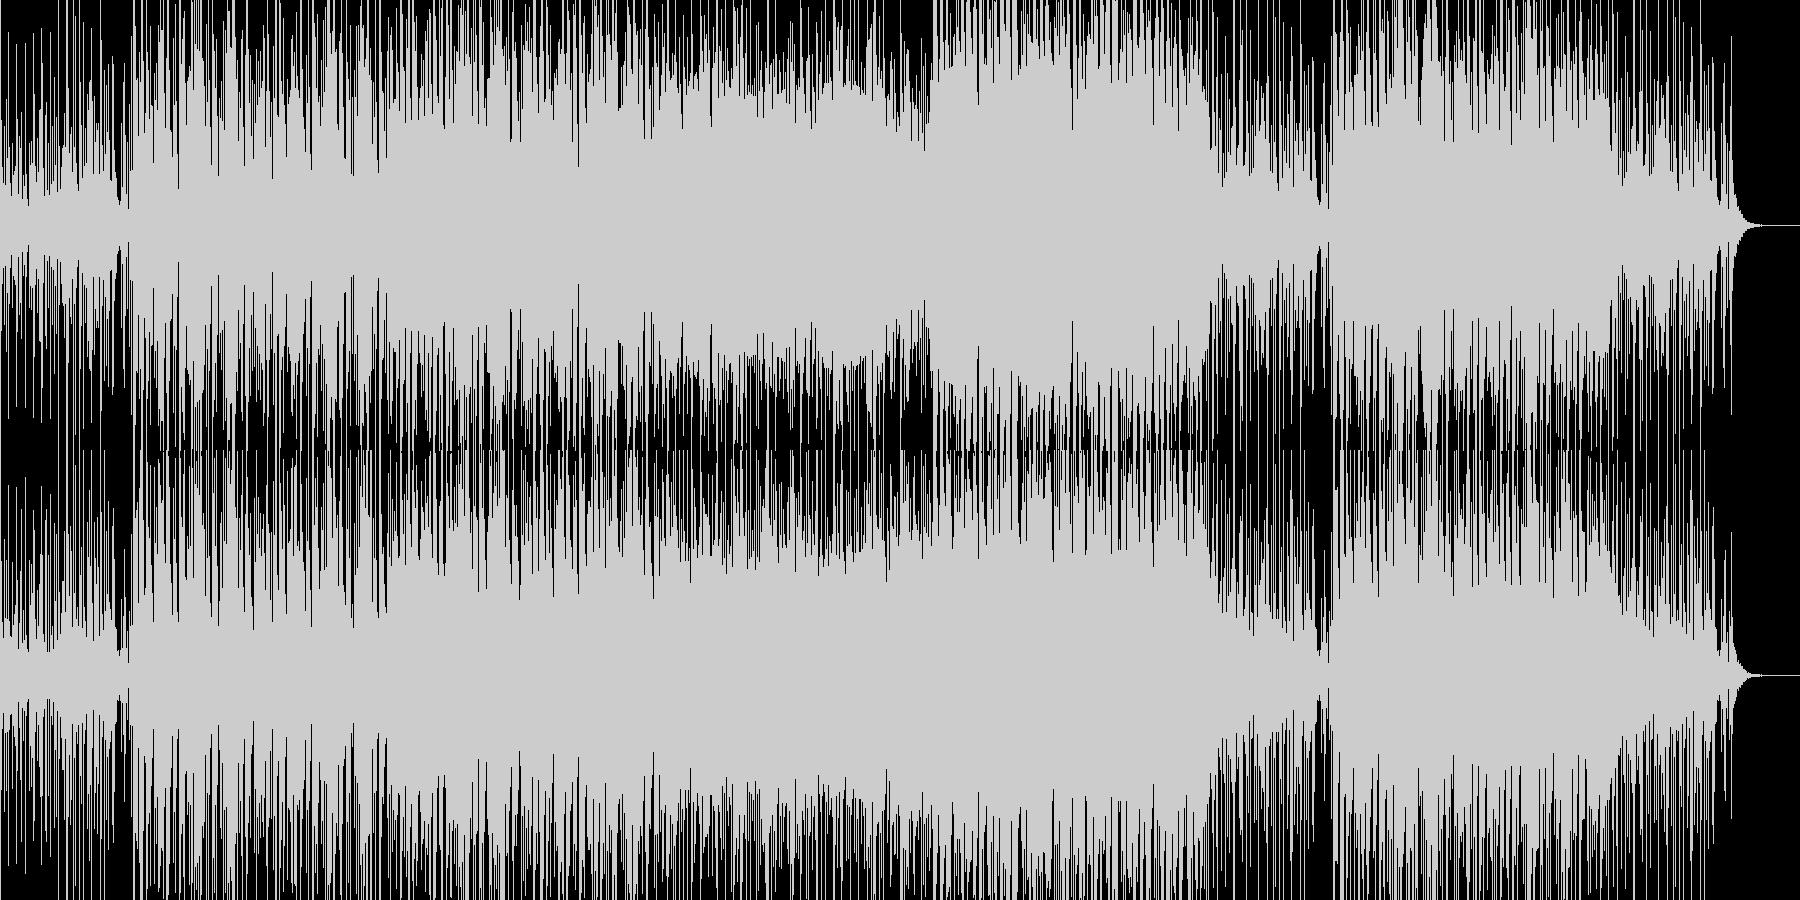 和楽器×タブラのゆったりとしたBGMの未再生の波形